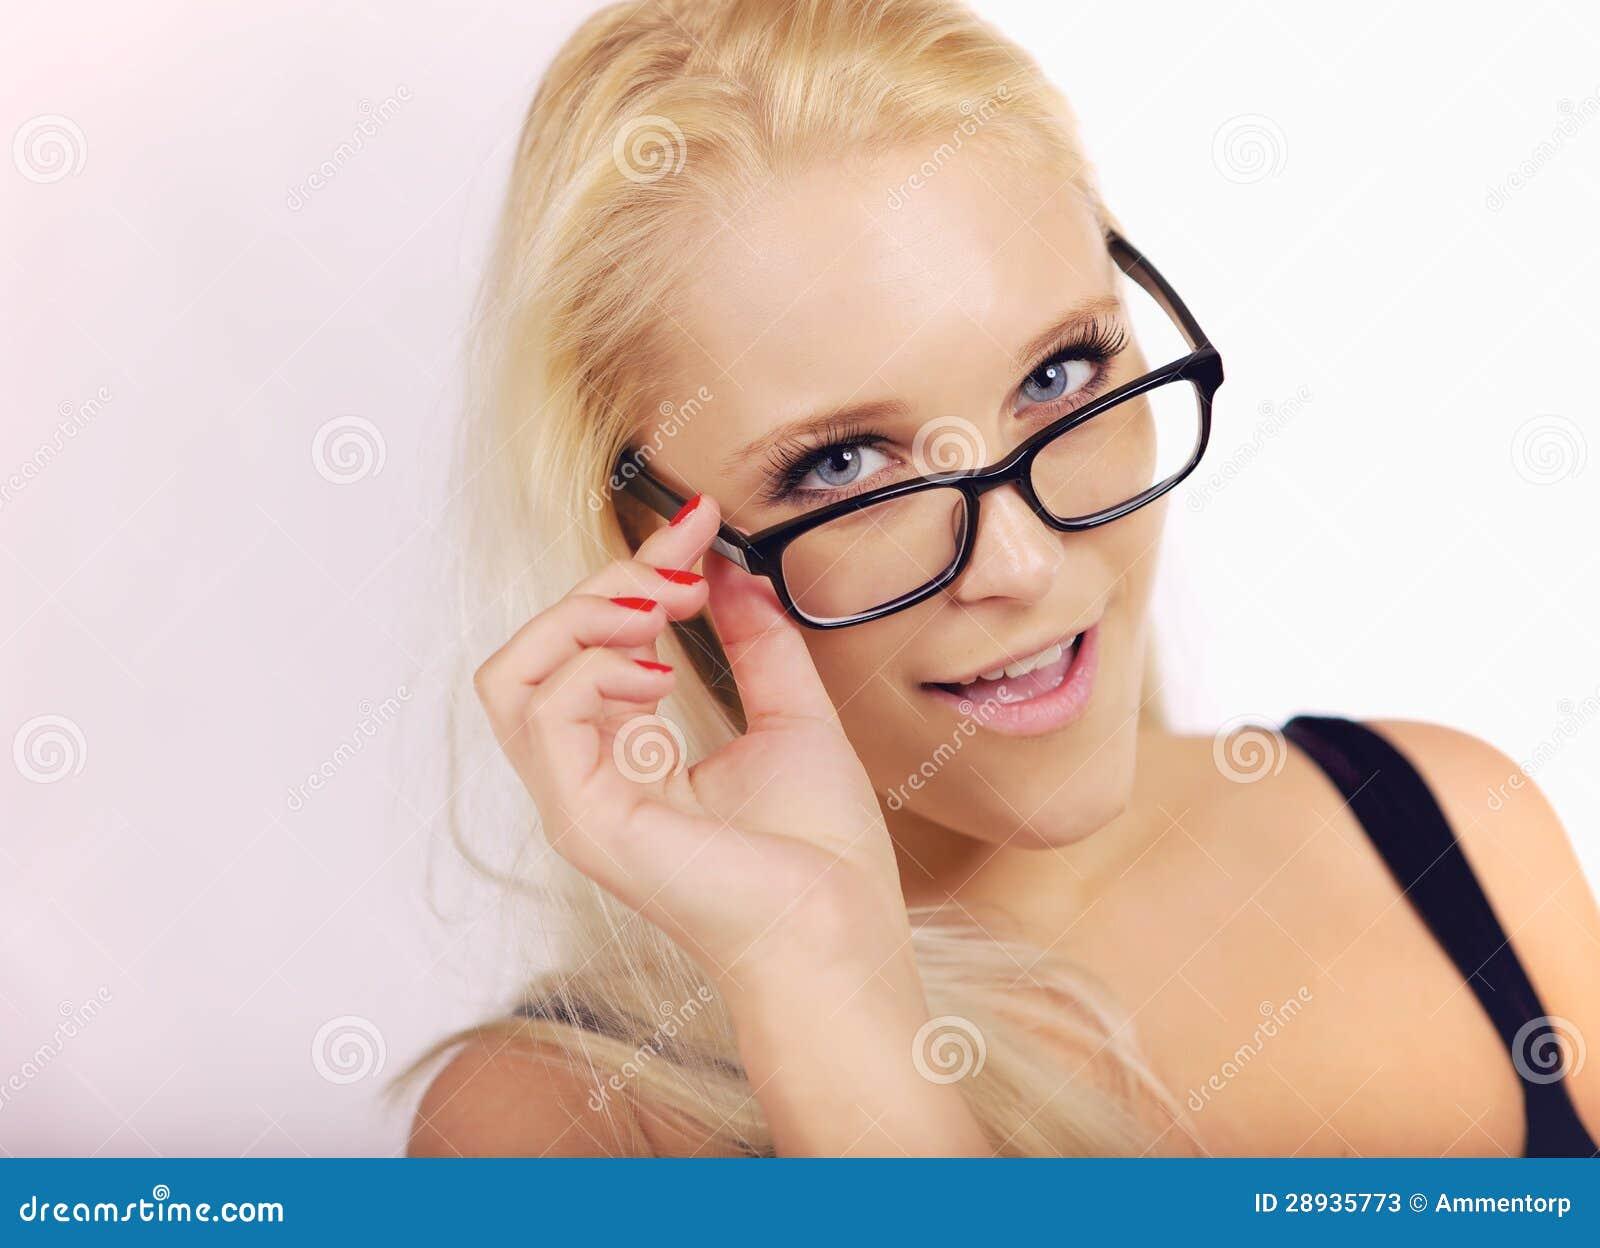 Hübsches Mädchen, das in ihrem Eyewear sehr intelligent schaut